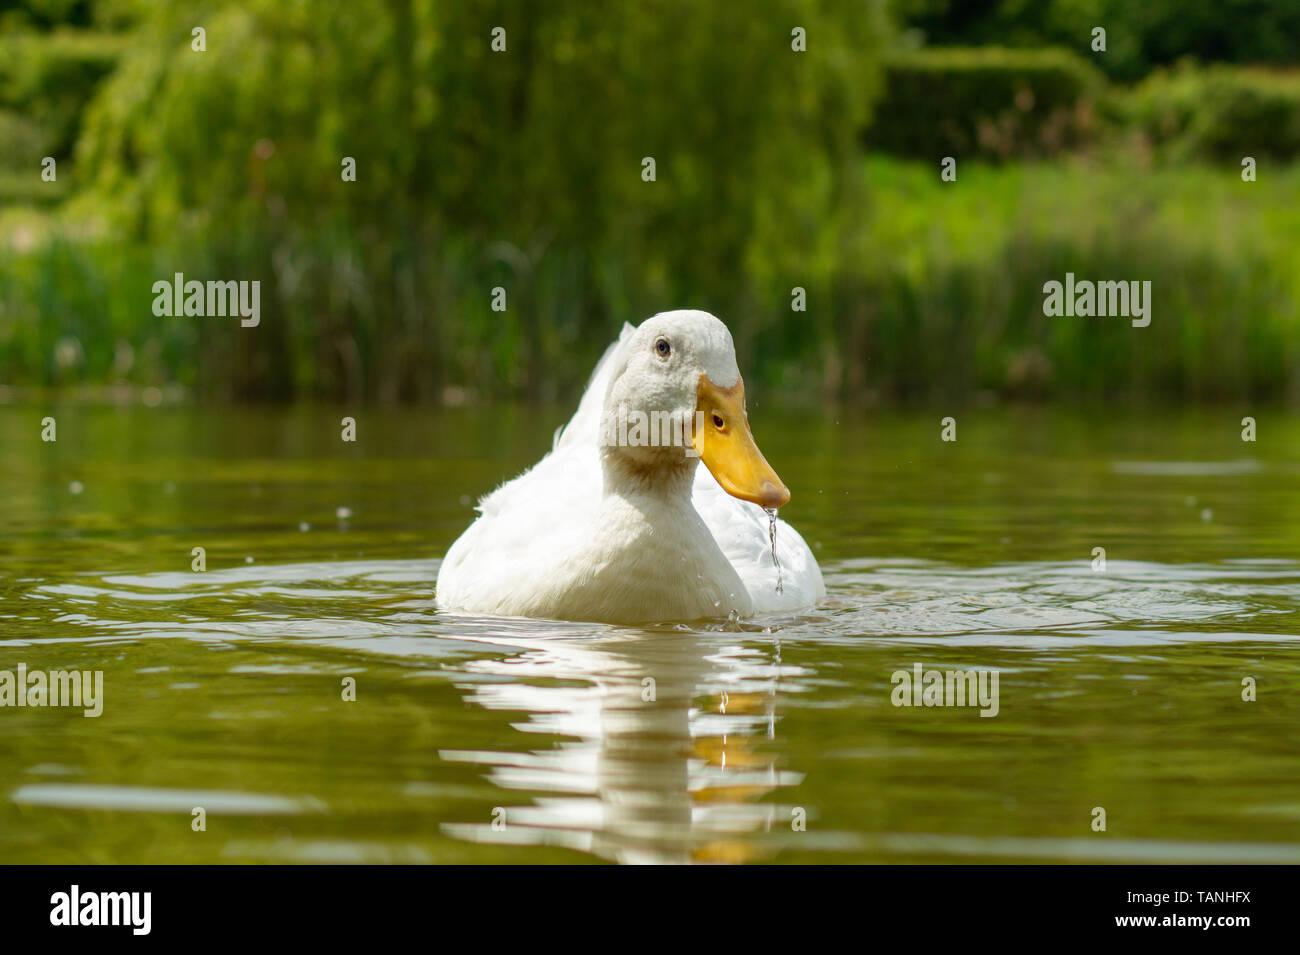 Large White Aylesbury, Pekin, Peking Duck, Close Up, Water Level View - Stock Image